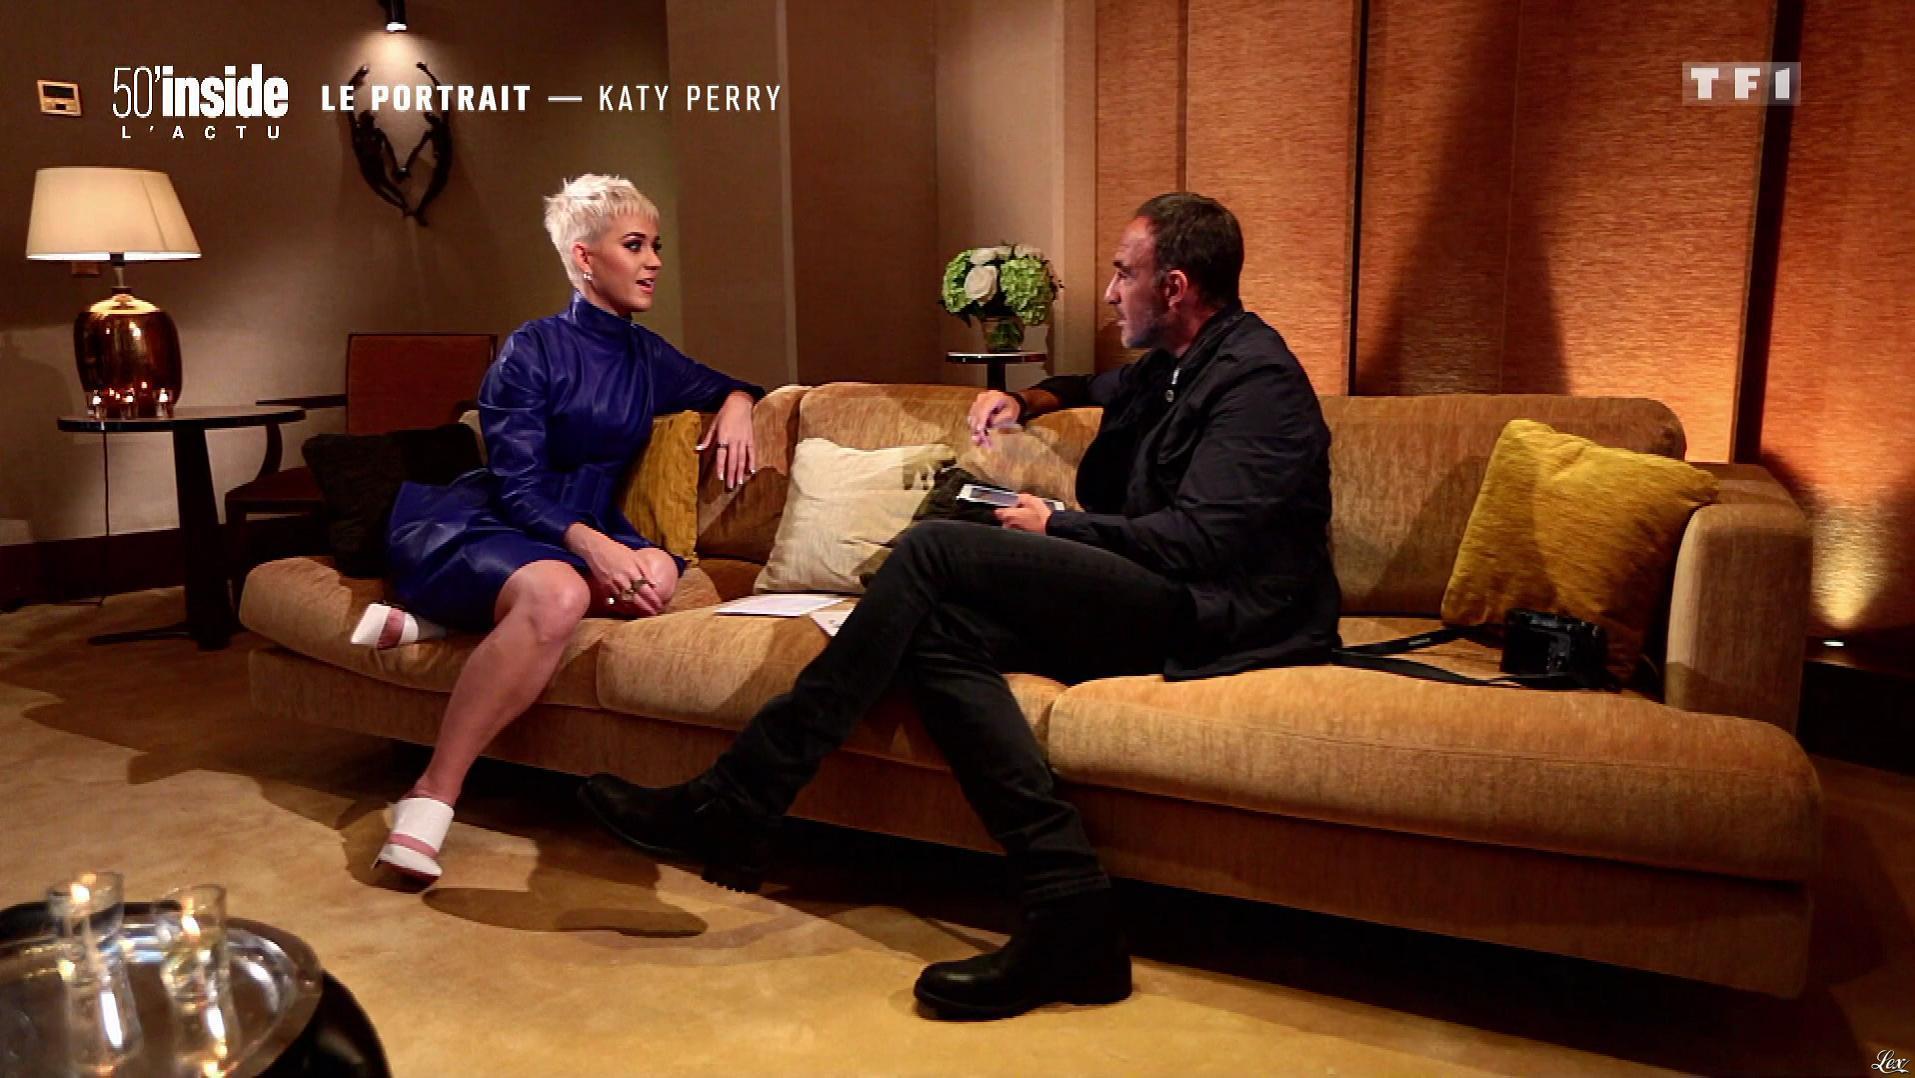 Katy Perry dans 50 Minutes Inside. Diffusé à la télévision le 10/06/17.